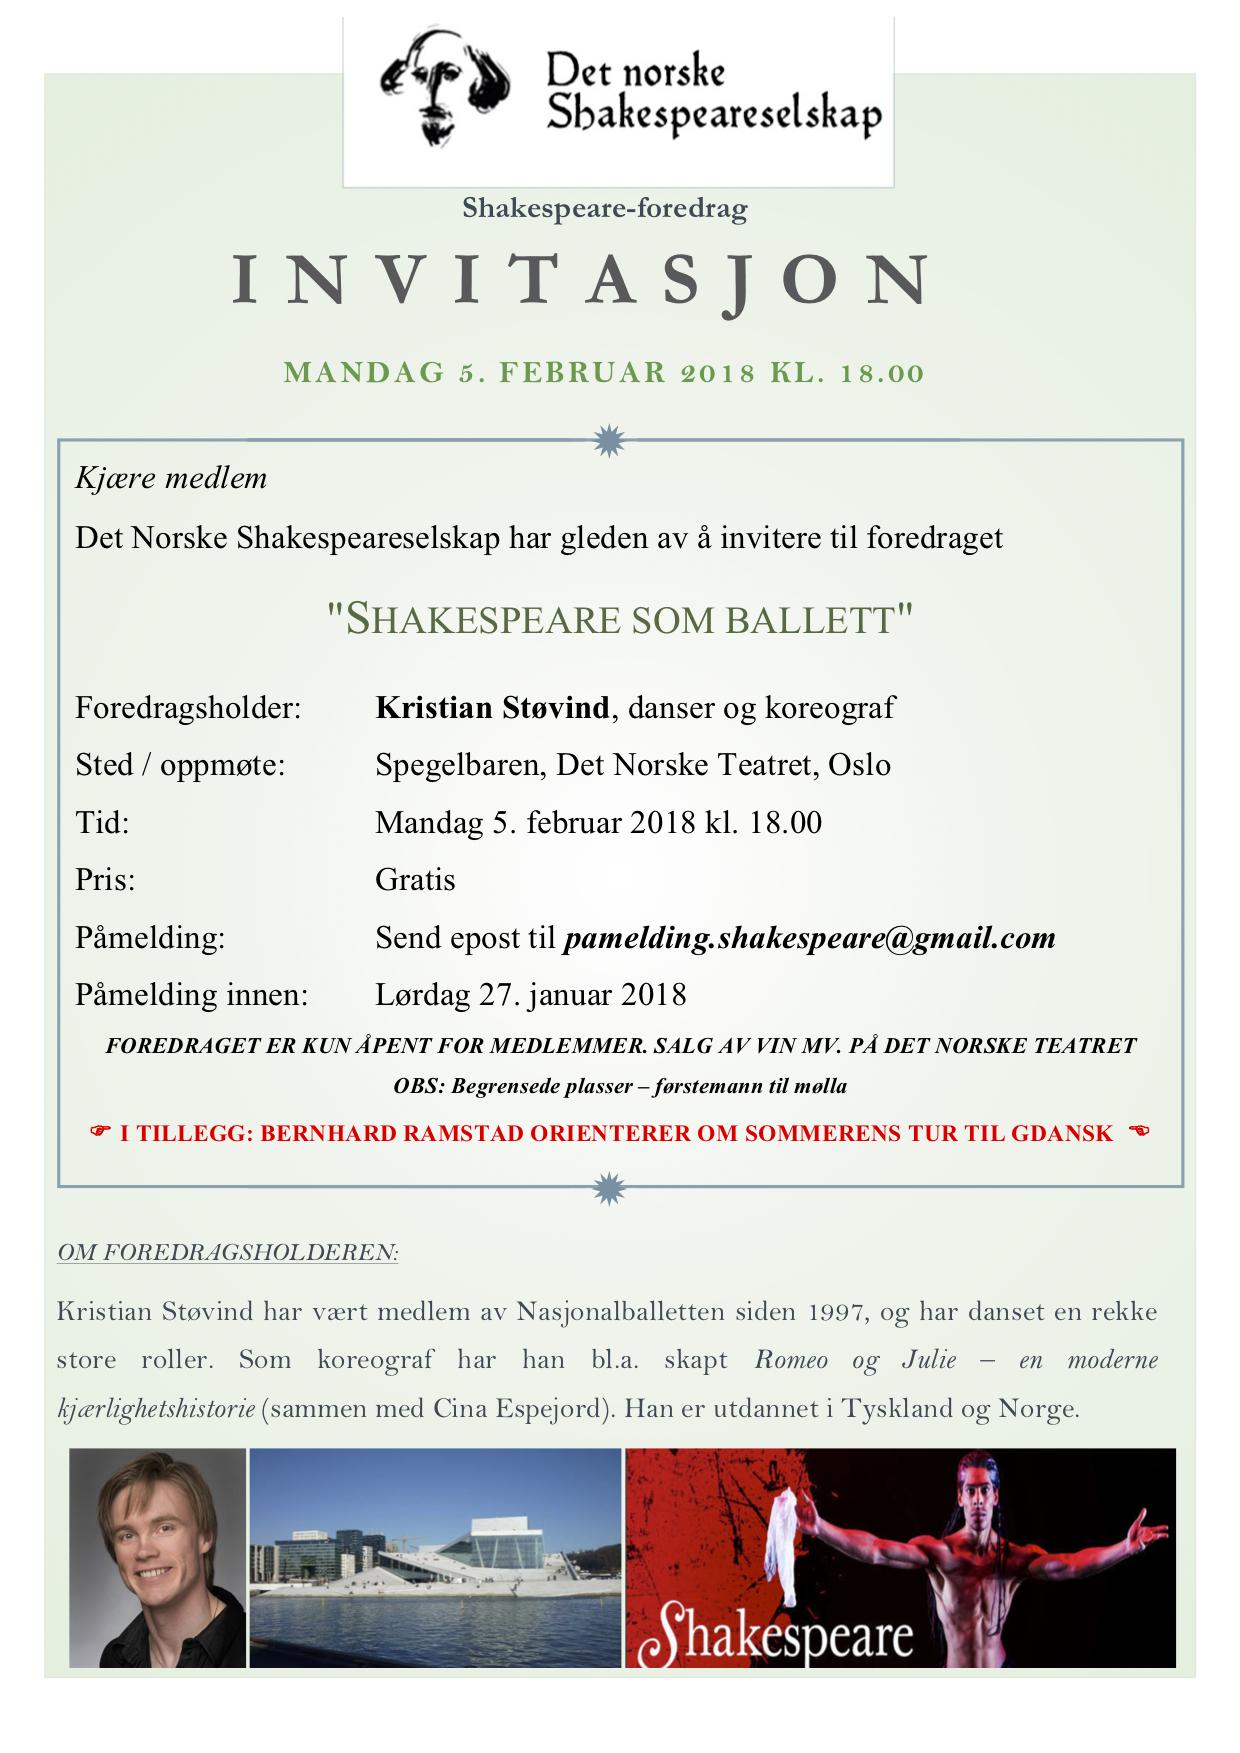 Invitasjon-Støvind-jan-2018